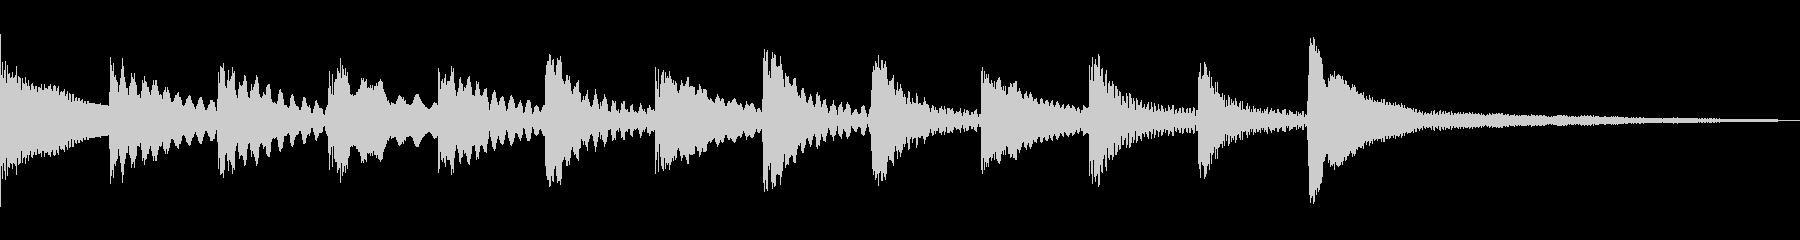 マリンバでのクリア音の未再生の波形